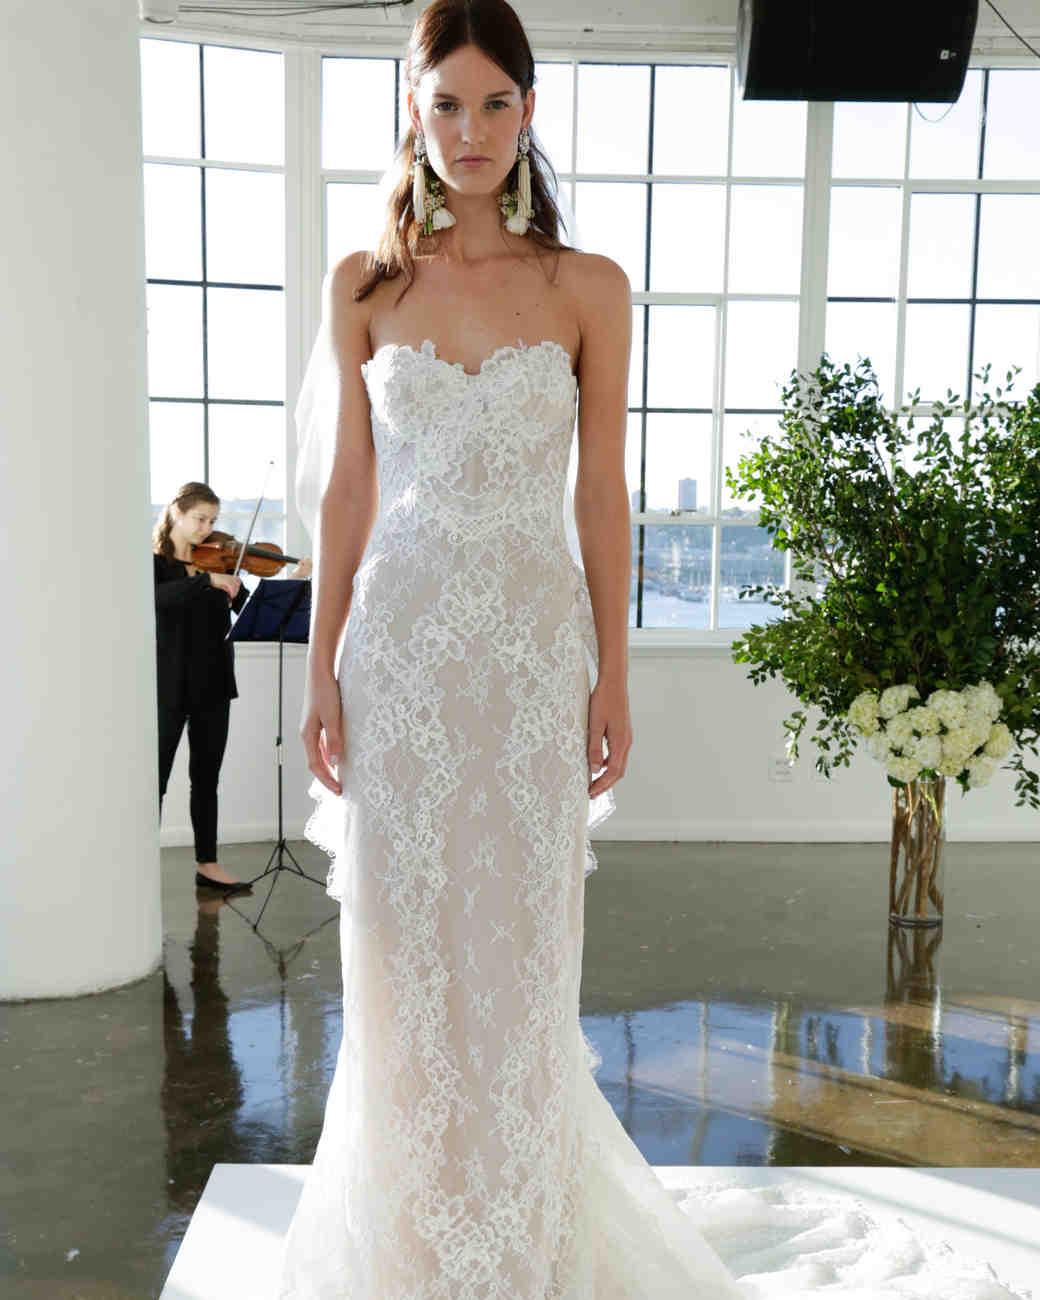 Disney Style Wedding Dresses 87 Cute Marchesa Fall Wedding Dress